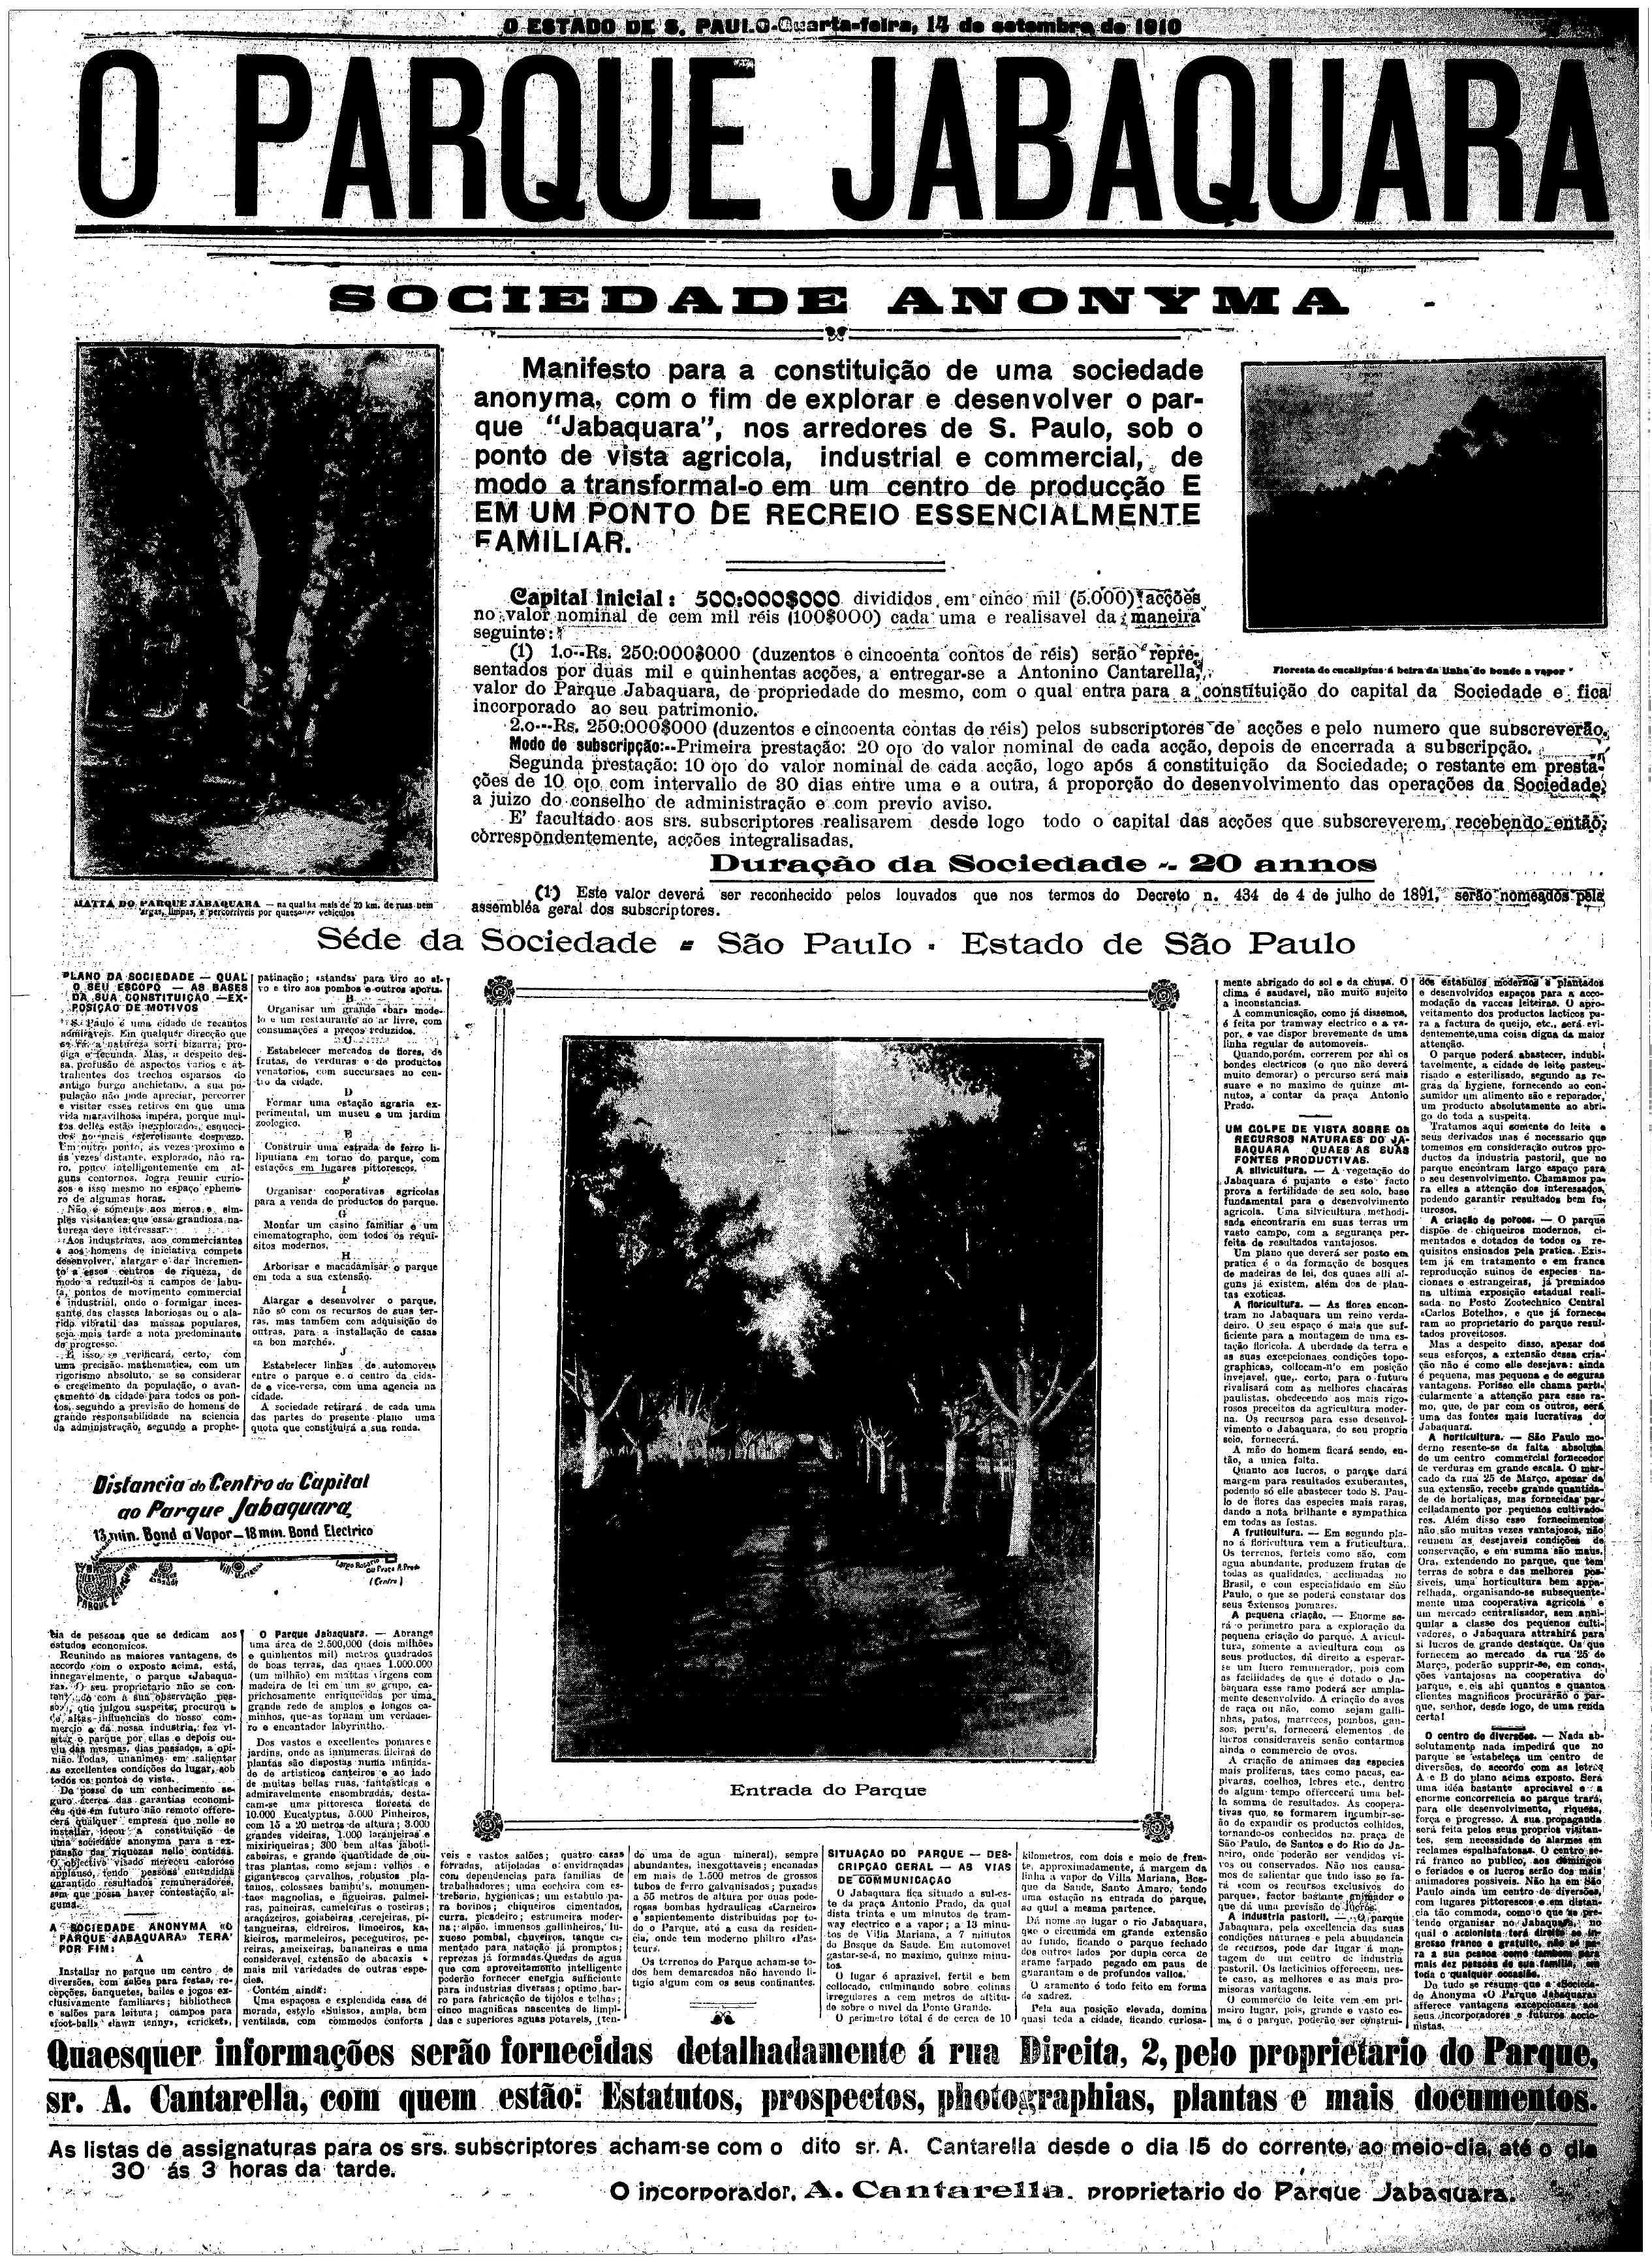 http://acervo.estadao.com.br/publicados/1910/09/14/g/19100914-11598-nac-0007-999-7-not-kpwxsaa.jpg